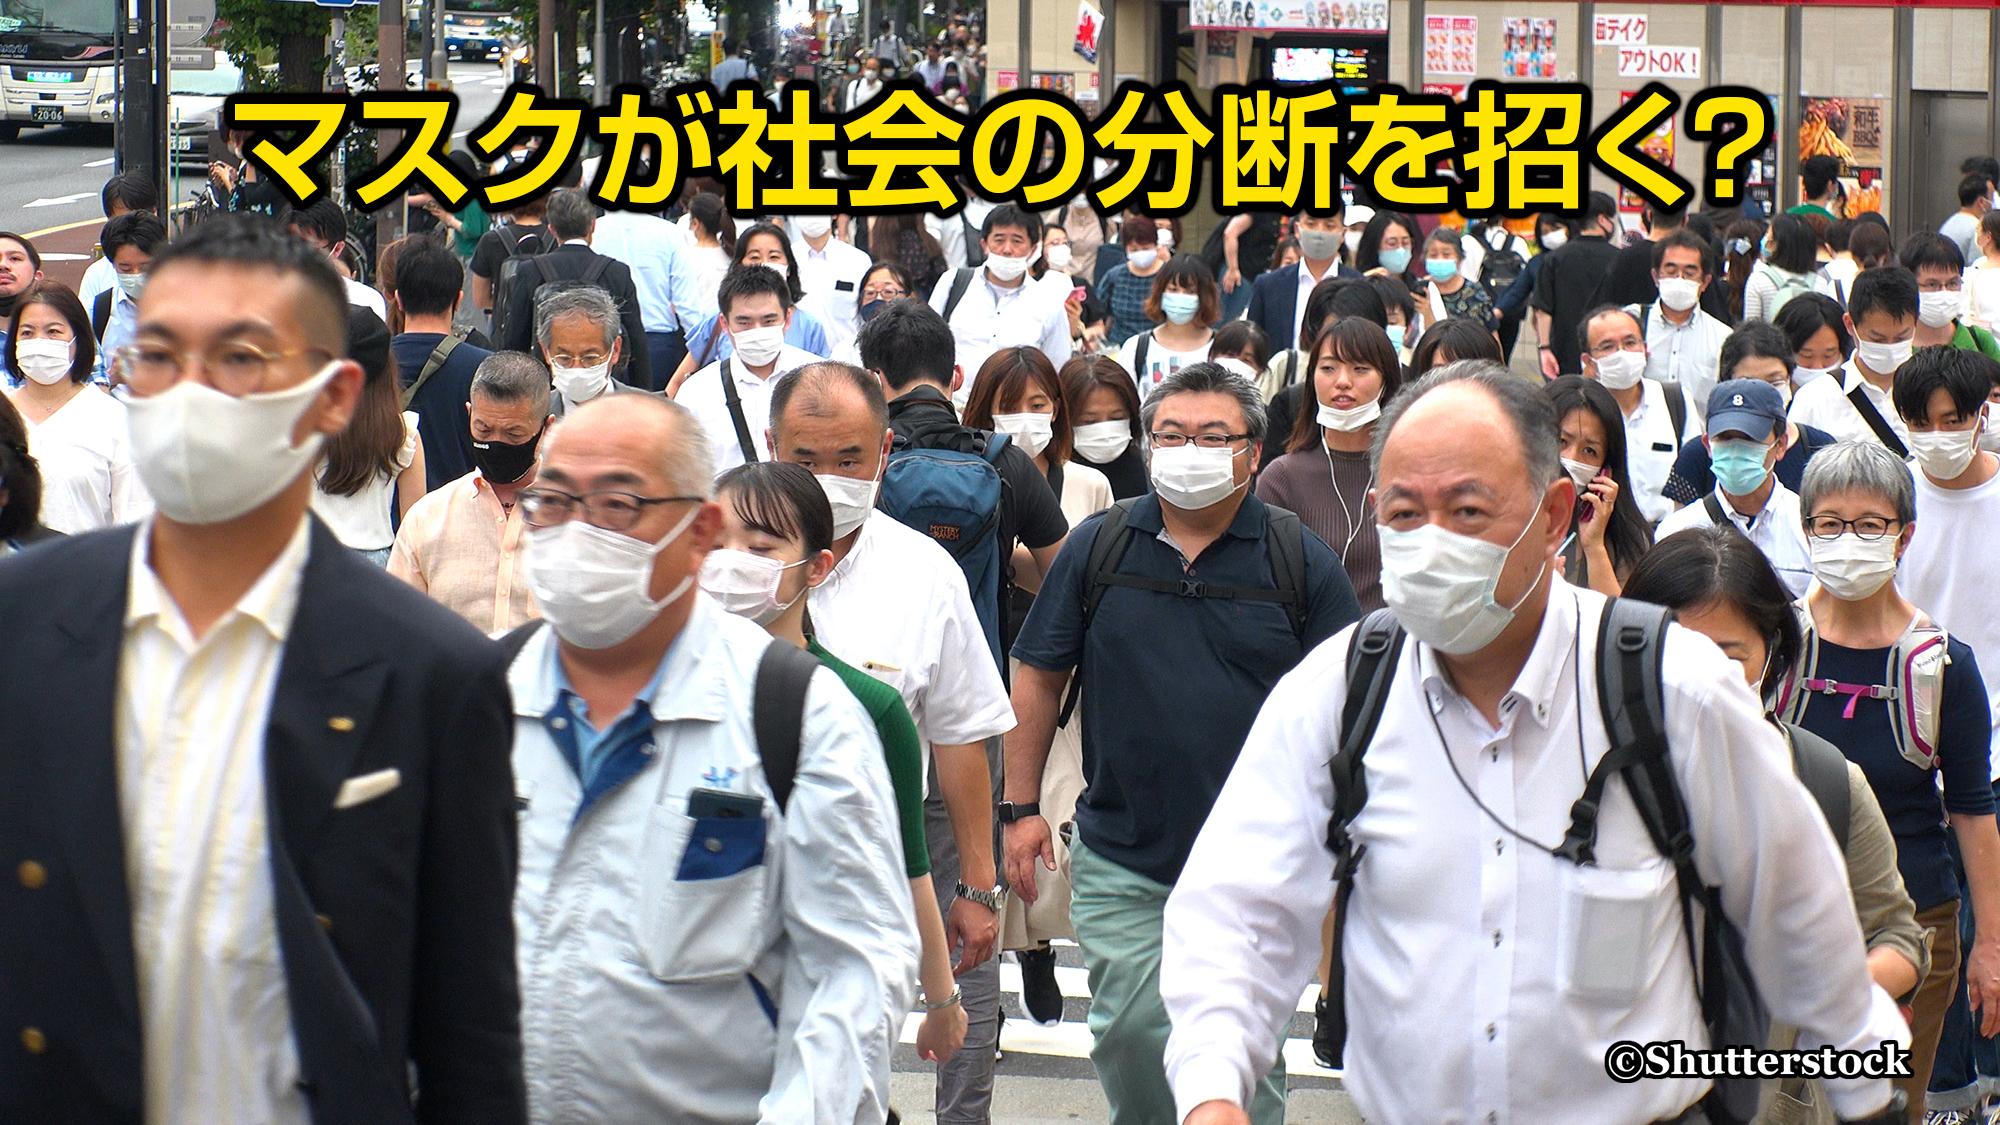 マスクが社会の分断を招く?